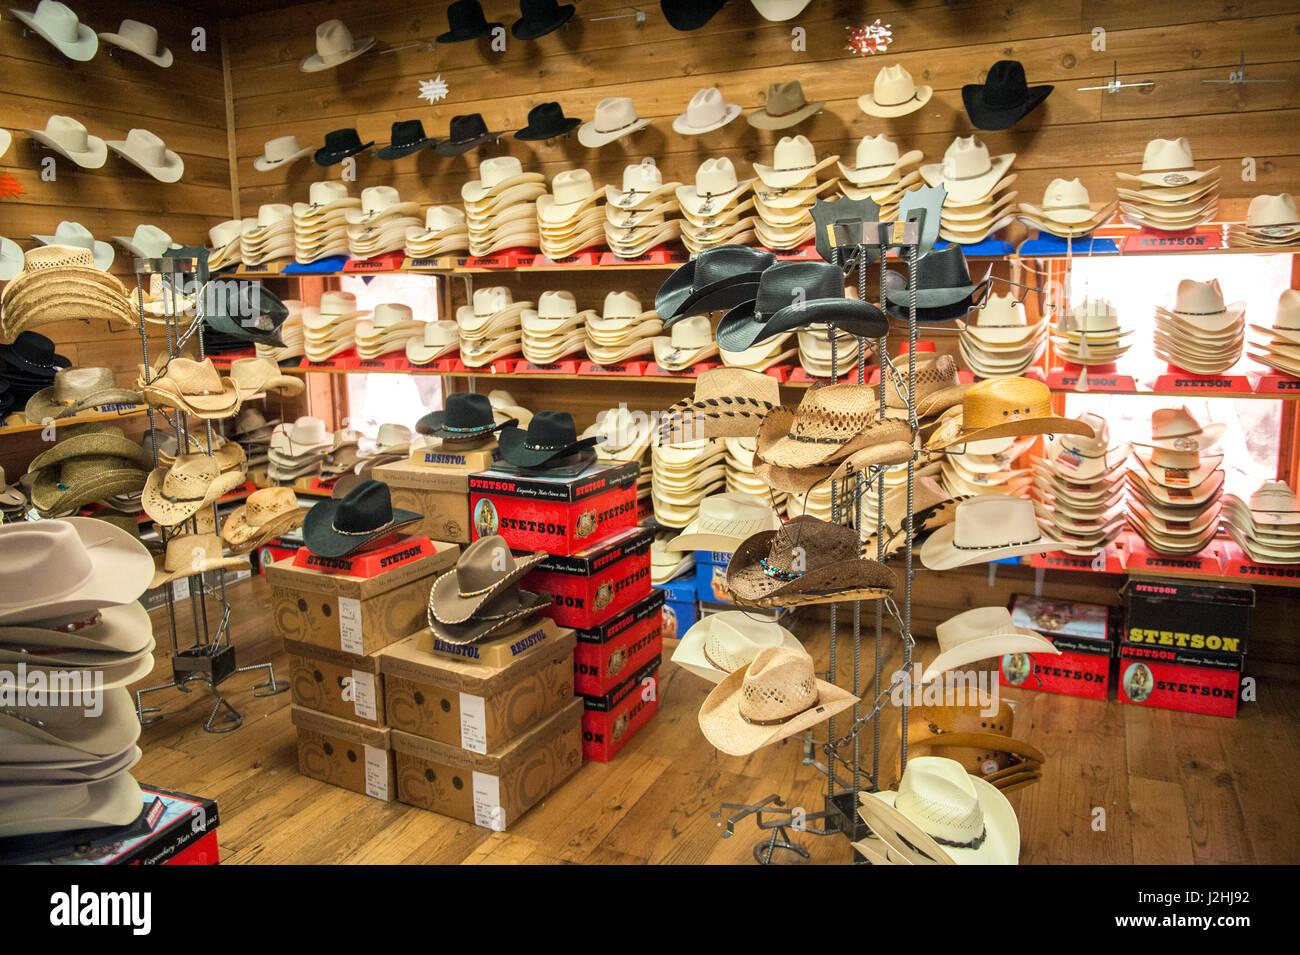 Sombrero vaquero stetson austin texas foto imagen jpg 1300x955 Sombrero  cowboy hat texas b9b23111e88